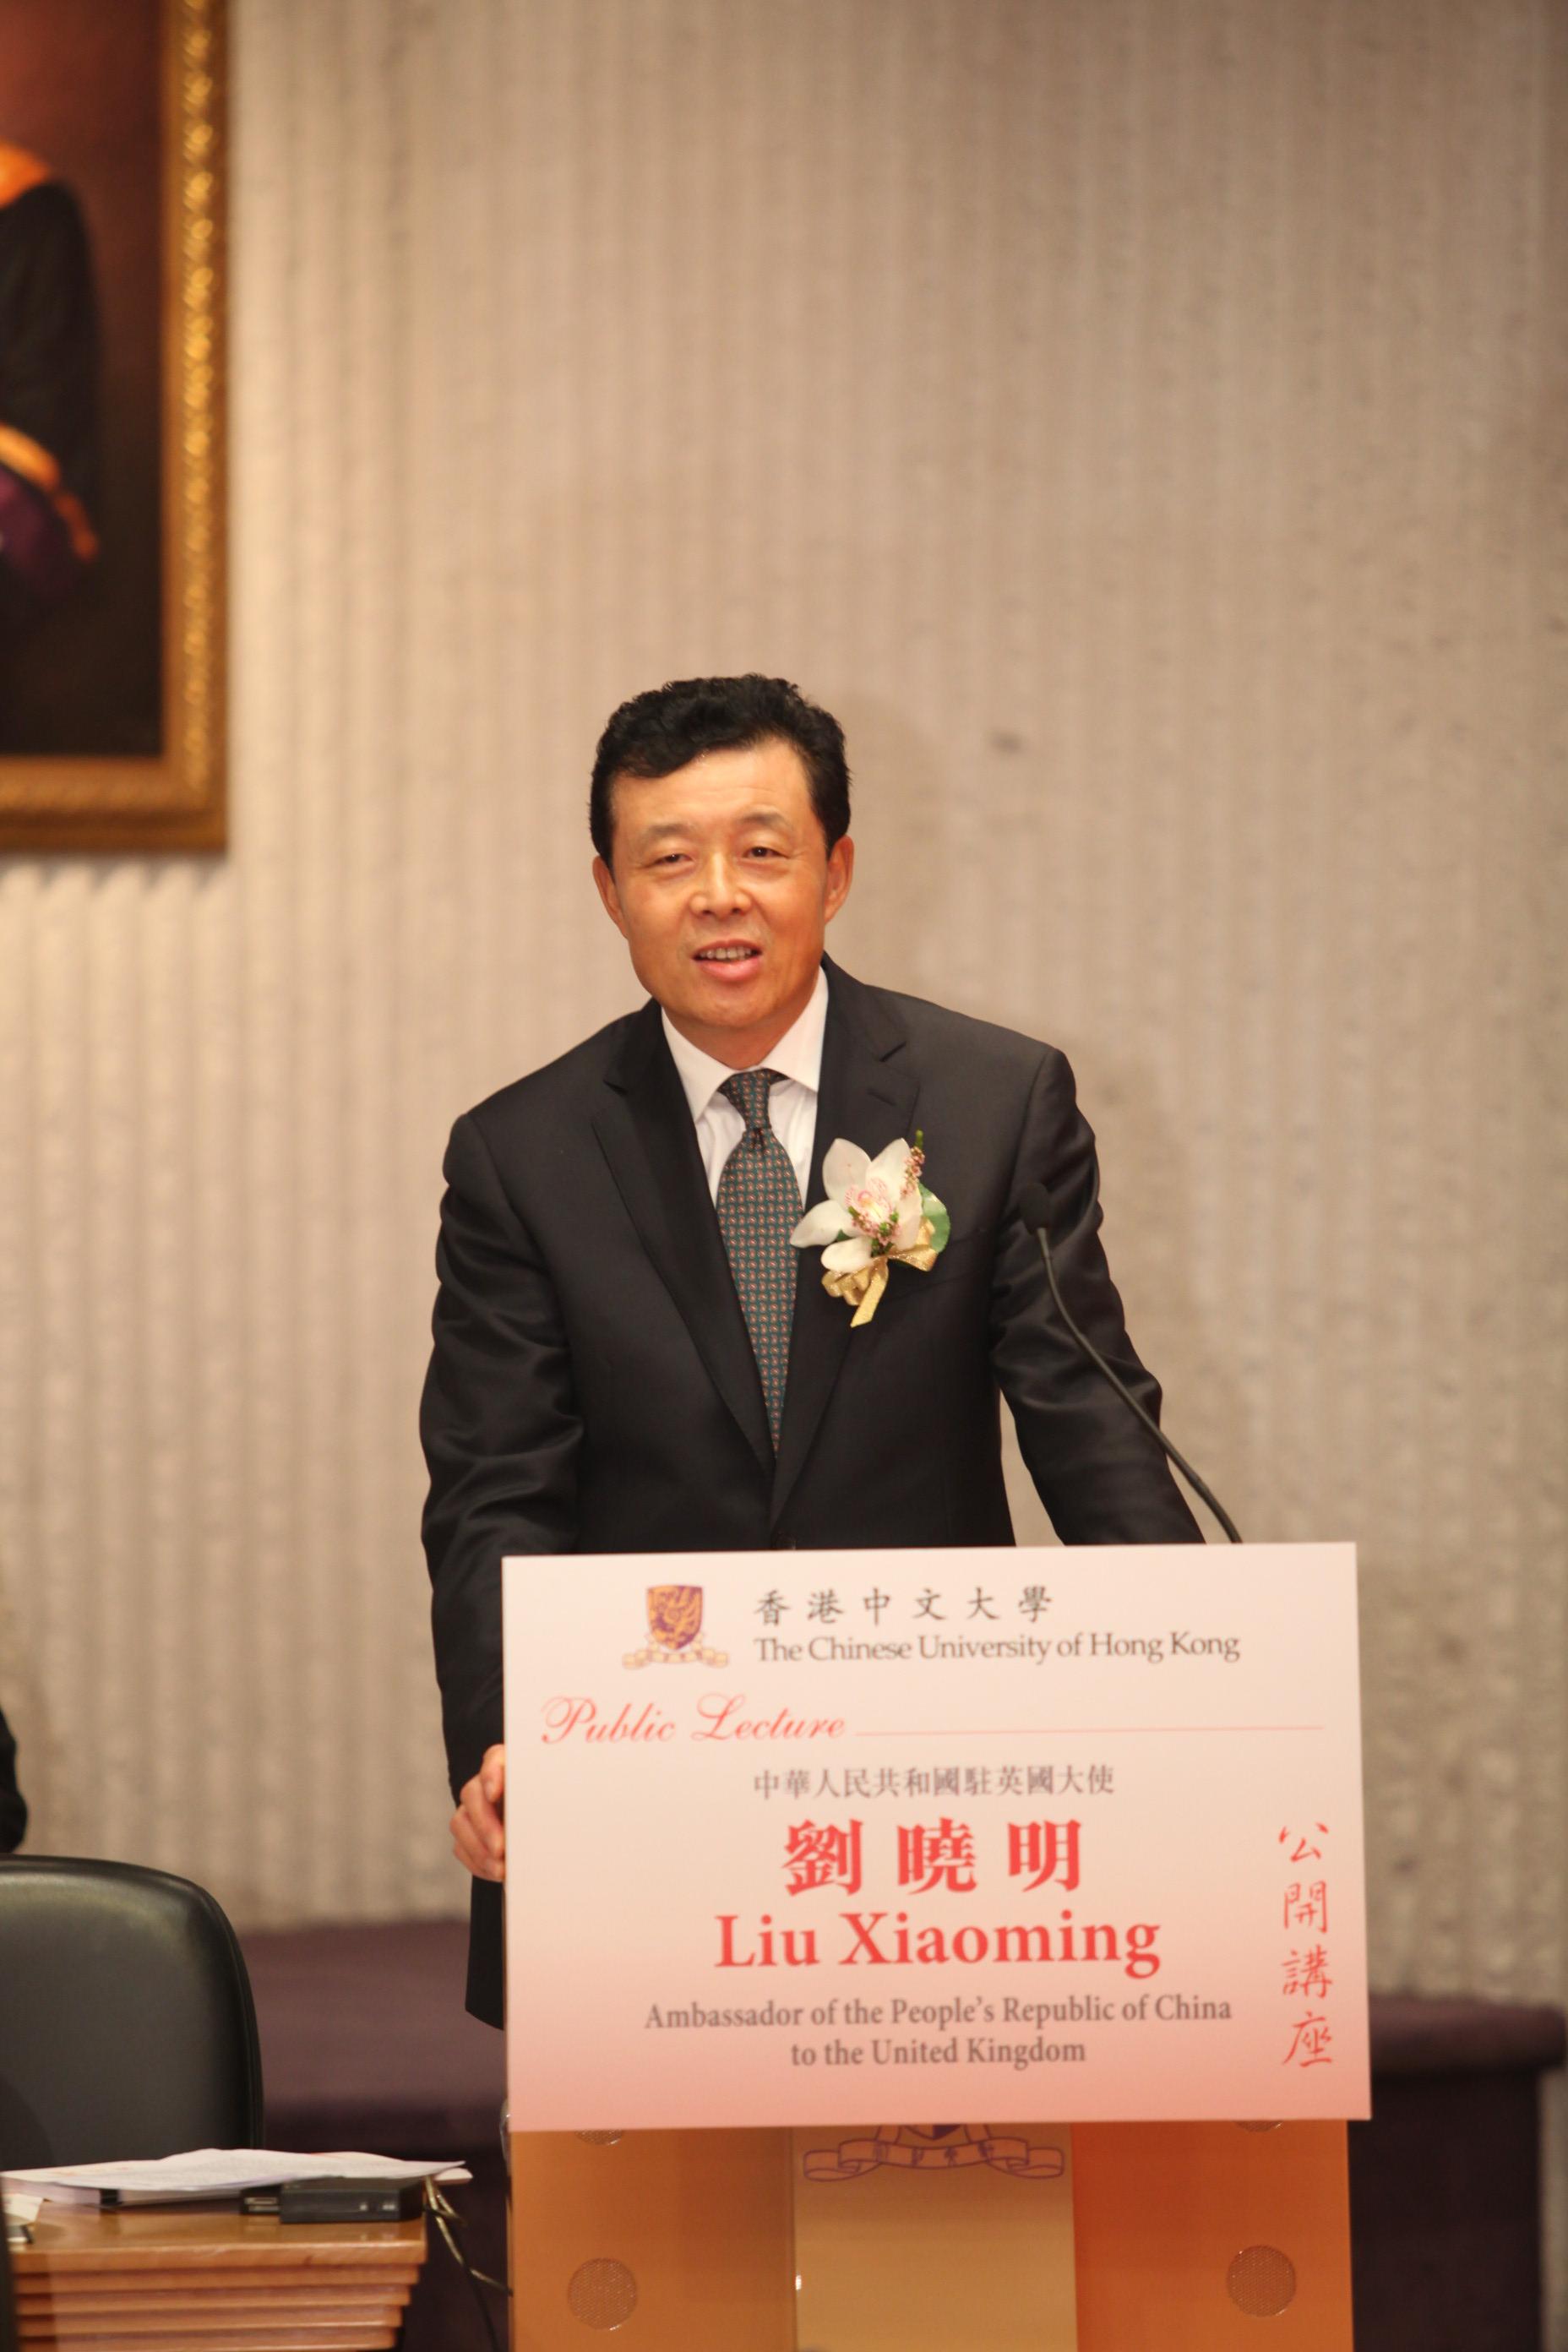 中华人民共和国驻英国大使刘晓明先生